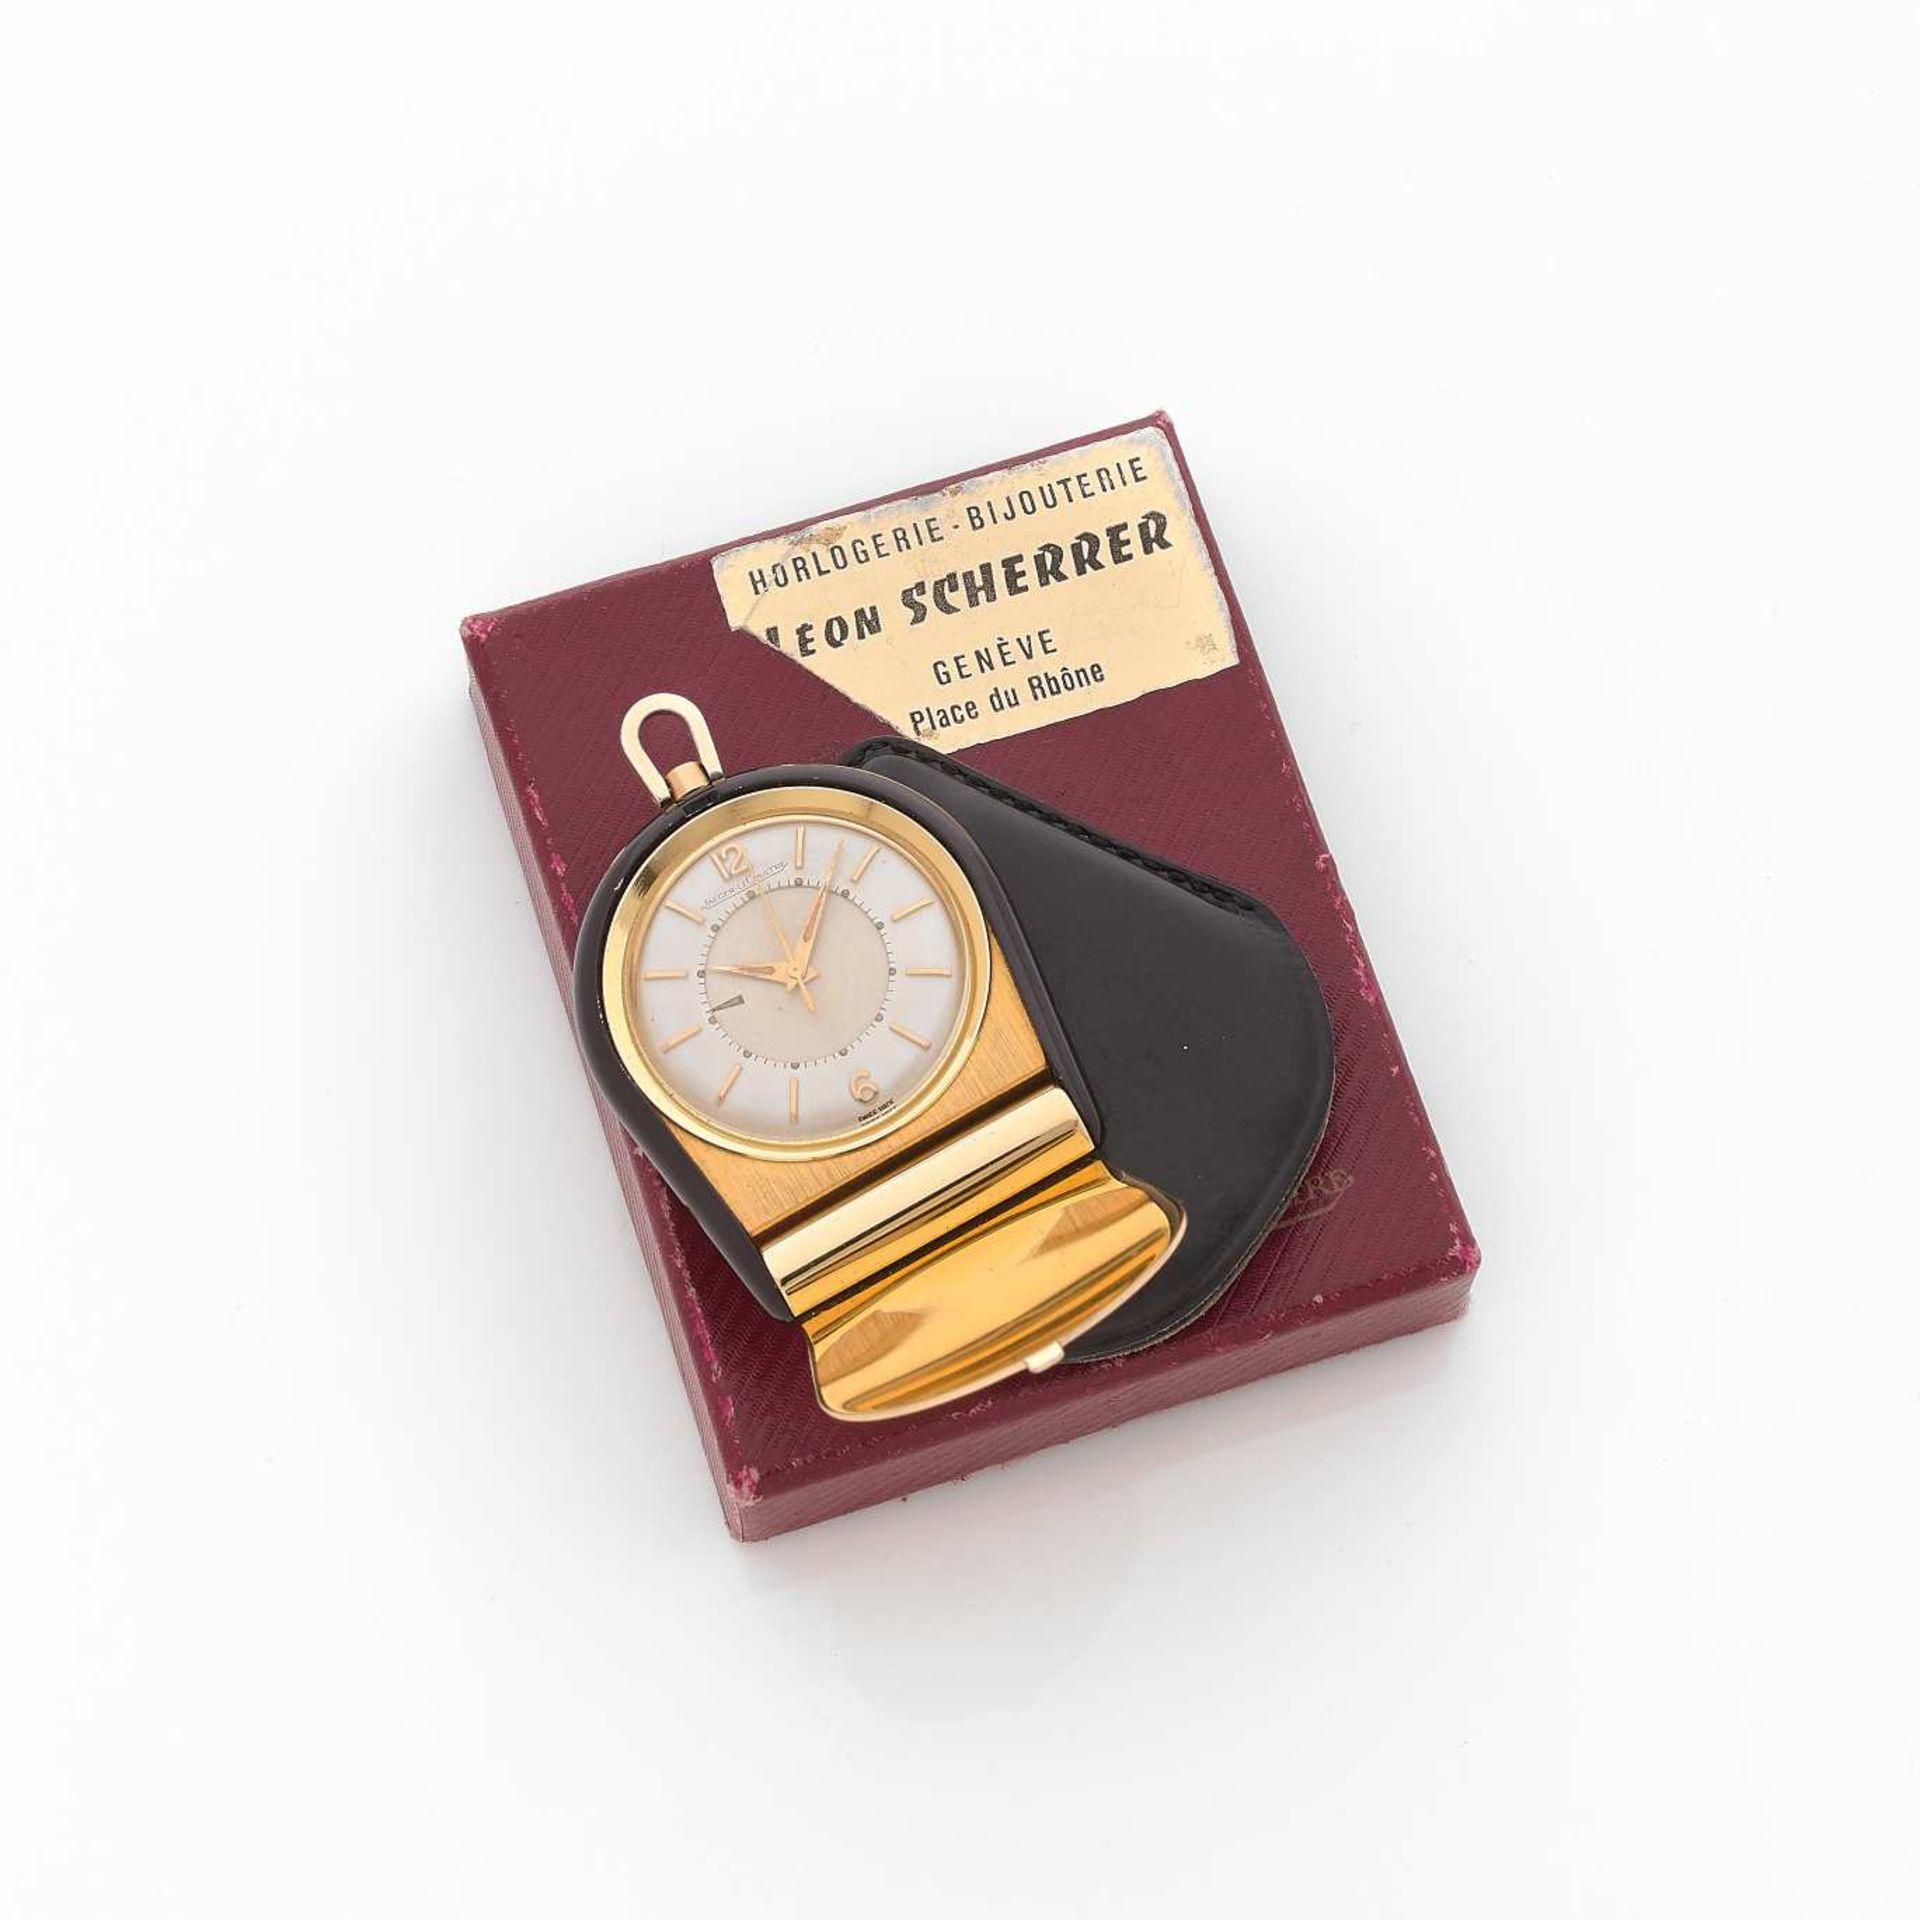 JAEGER LE COULTRE MEMOVOX ANNEES 50 Petit réveil de voyage avec alarme en métal doré et bakélite.